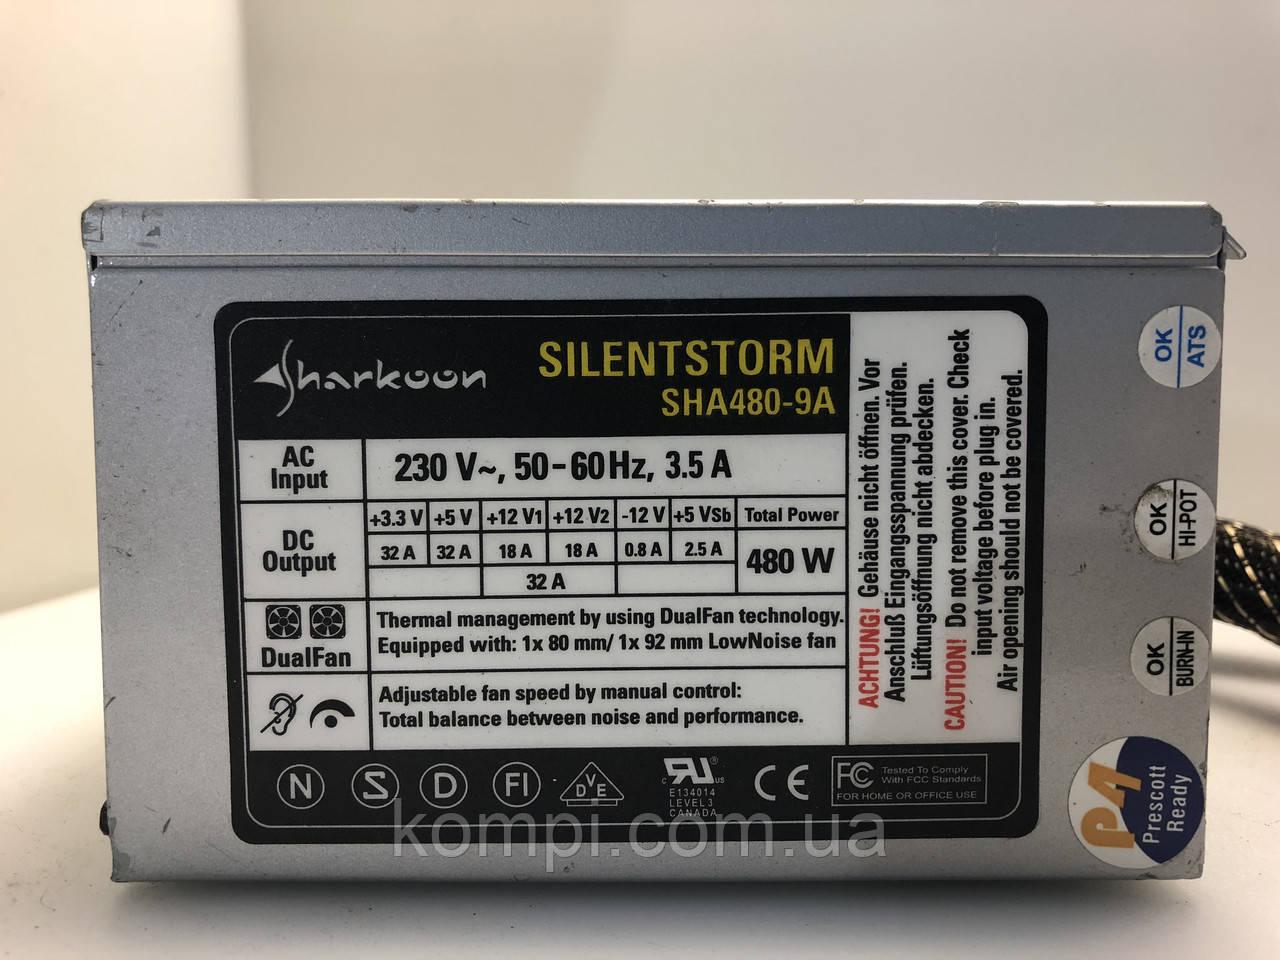 Блок питания 480W Sharkoon Silentstorm SHA480-9A  б/у